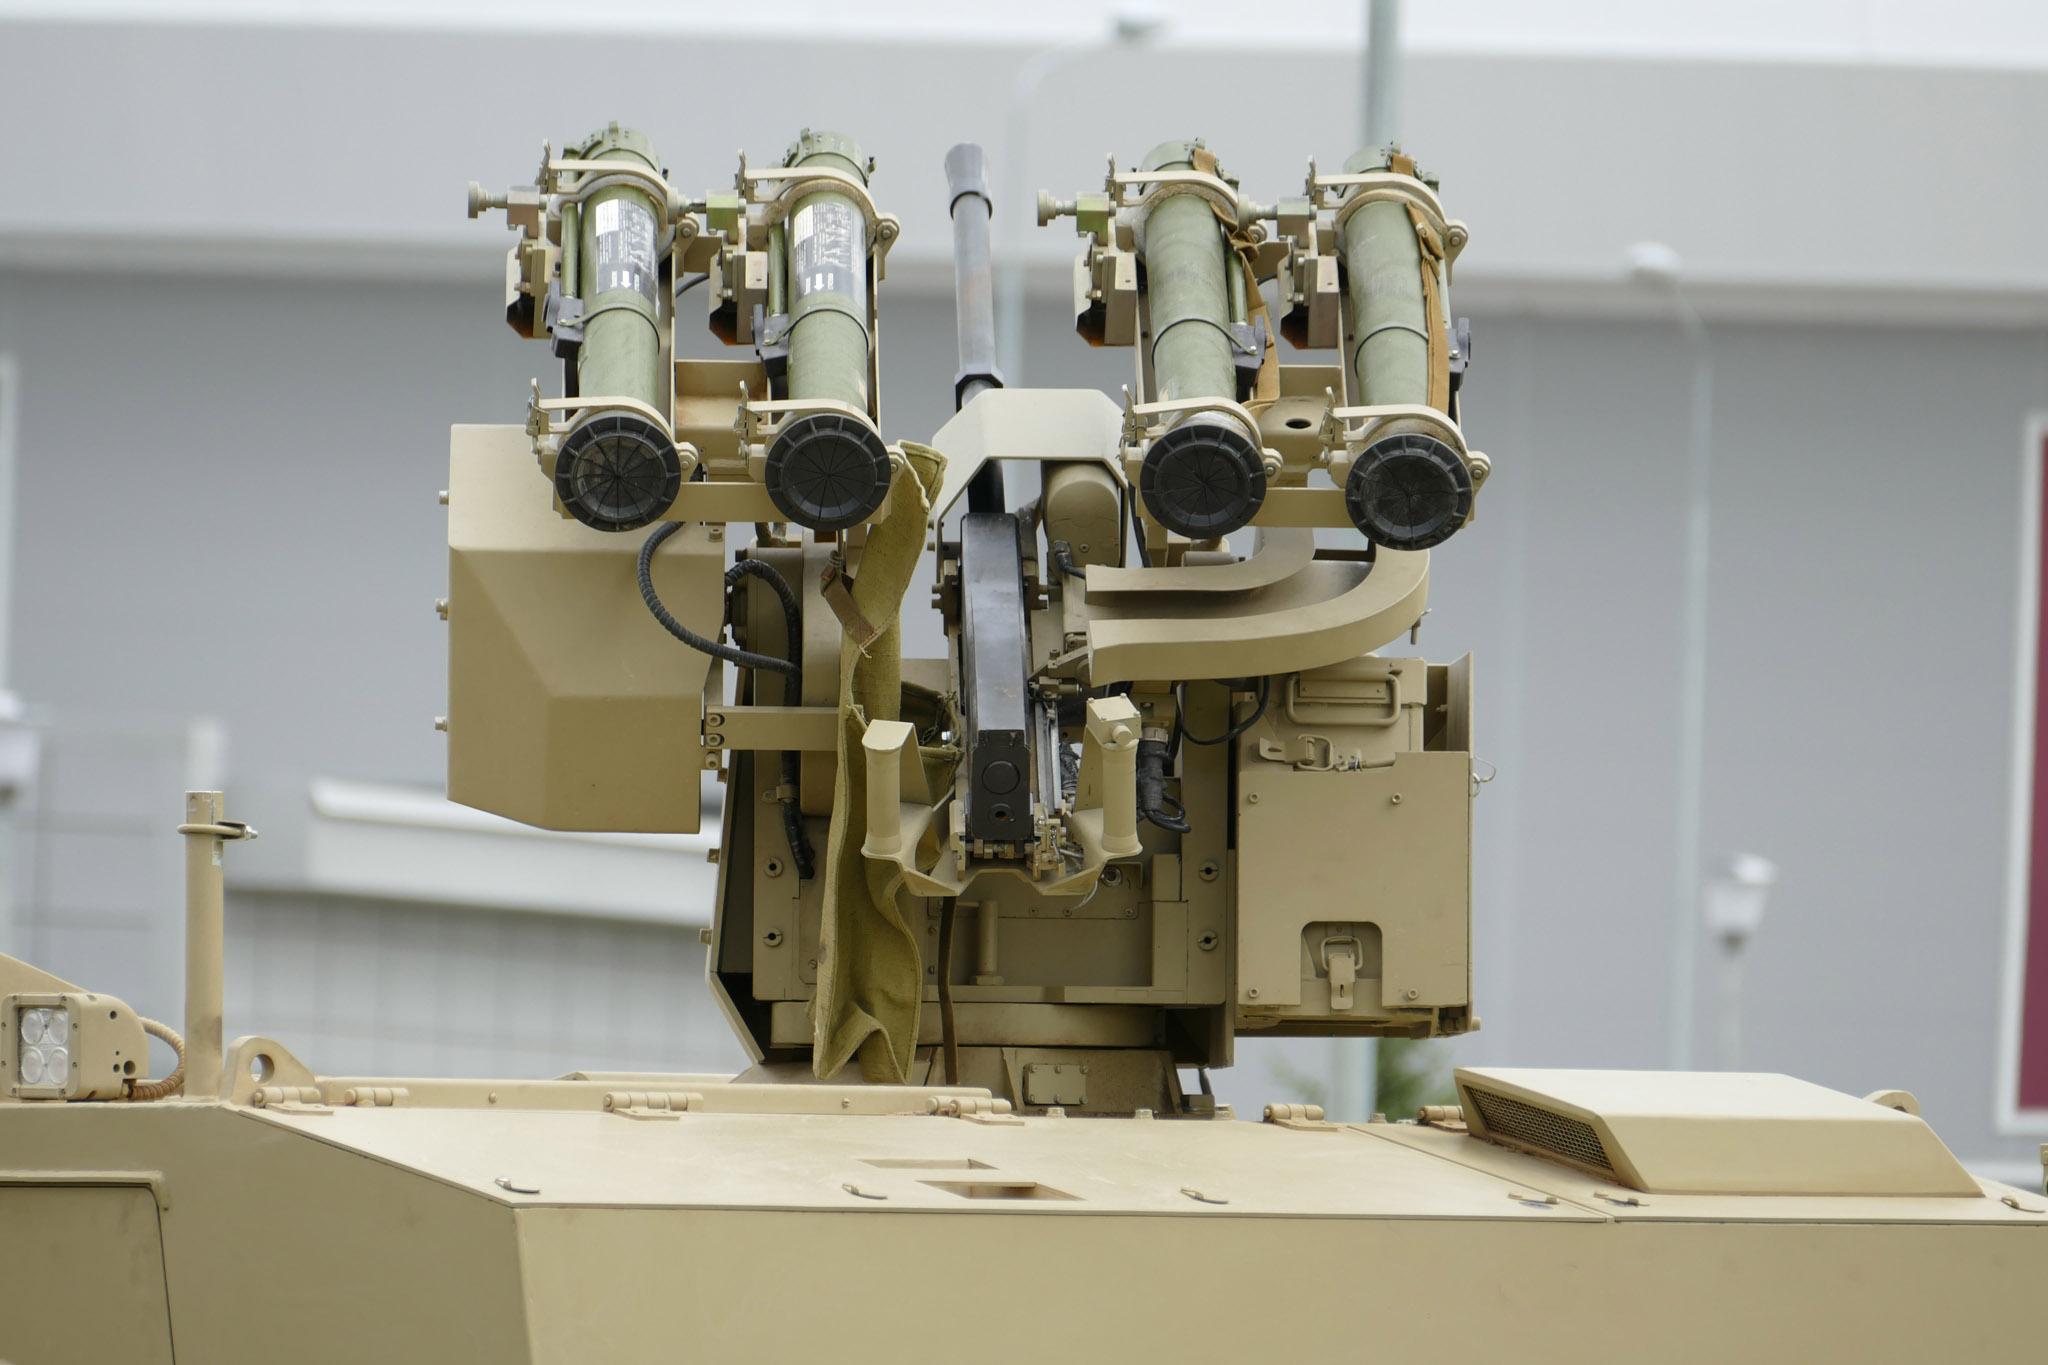 Военные роботы и их разработчики. Часть 3 — заключительная - 1